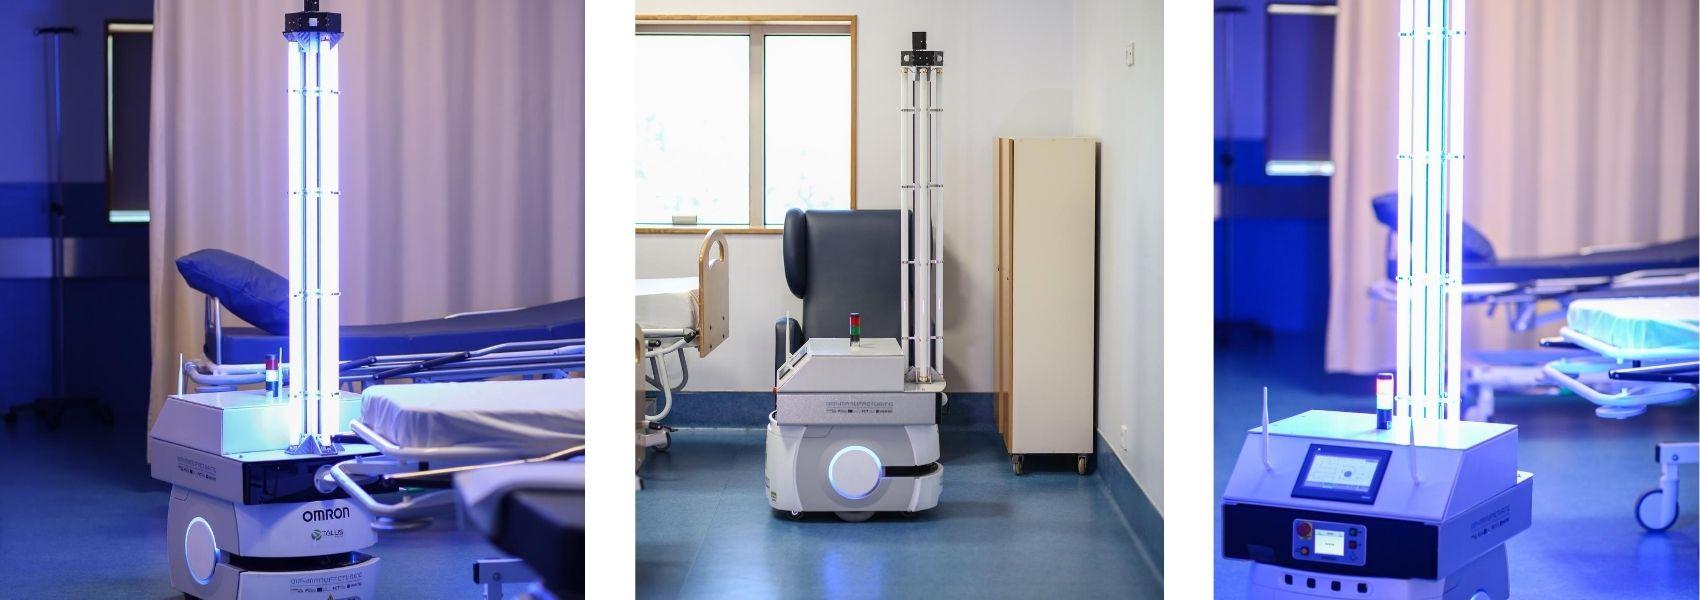 Robô de desinfeção testado no Hospital de S. Martinho, em Valongo